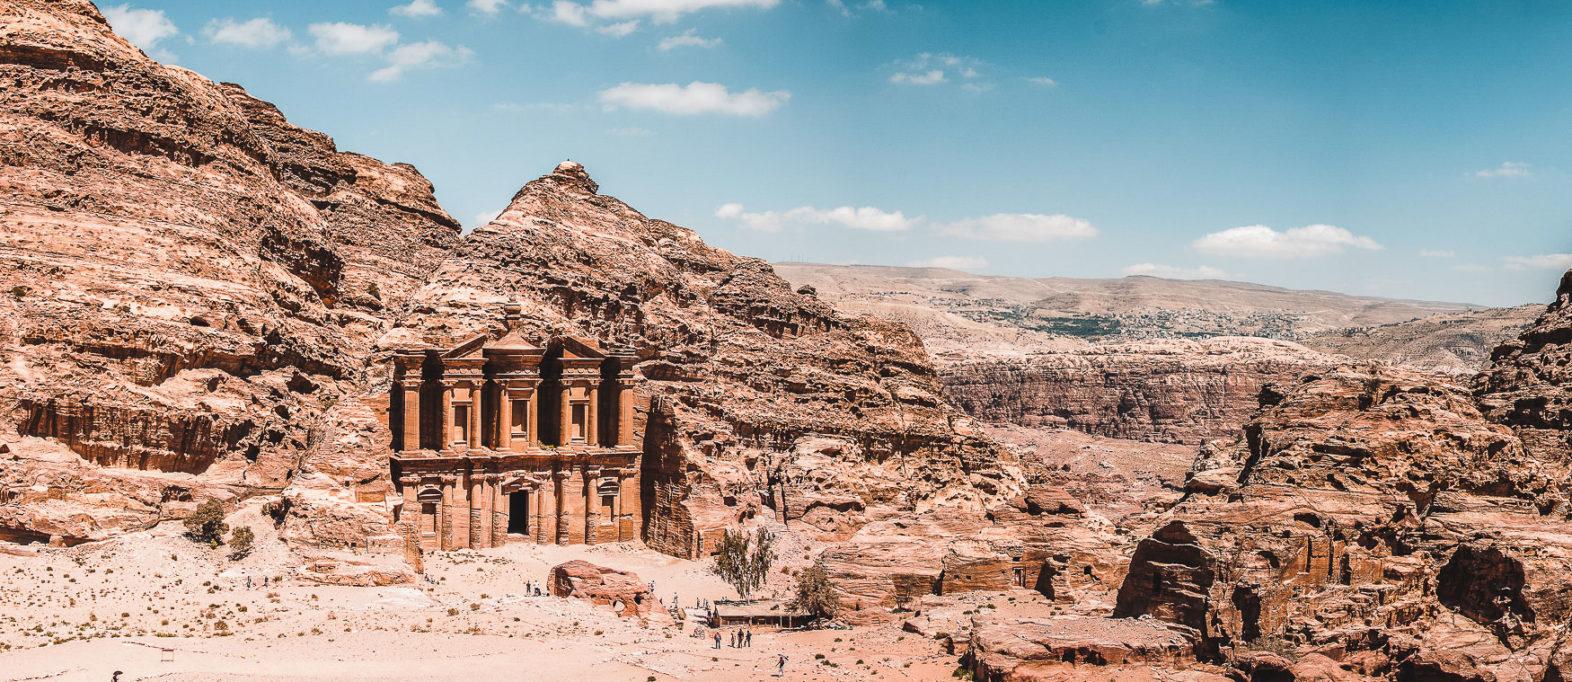 Jordanien: Die schönsten Reiseziele & Highlights